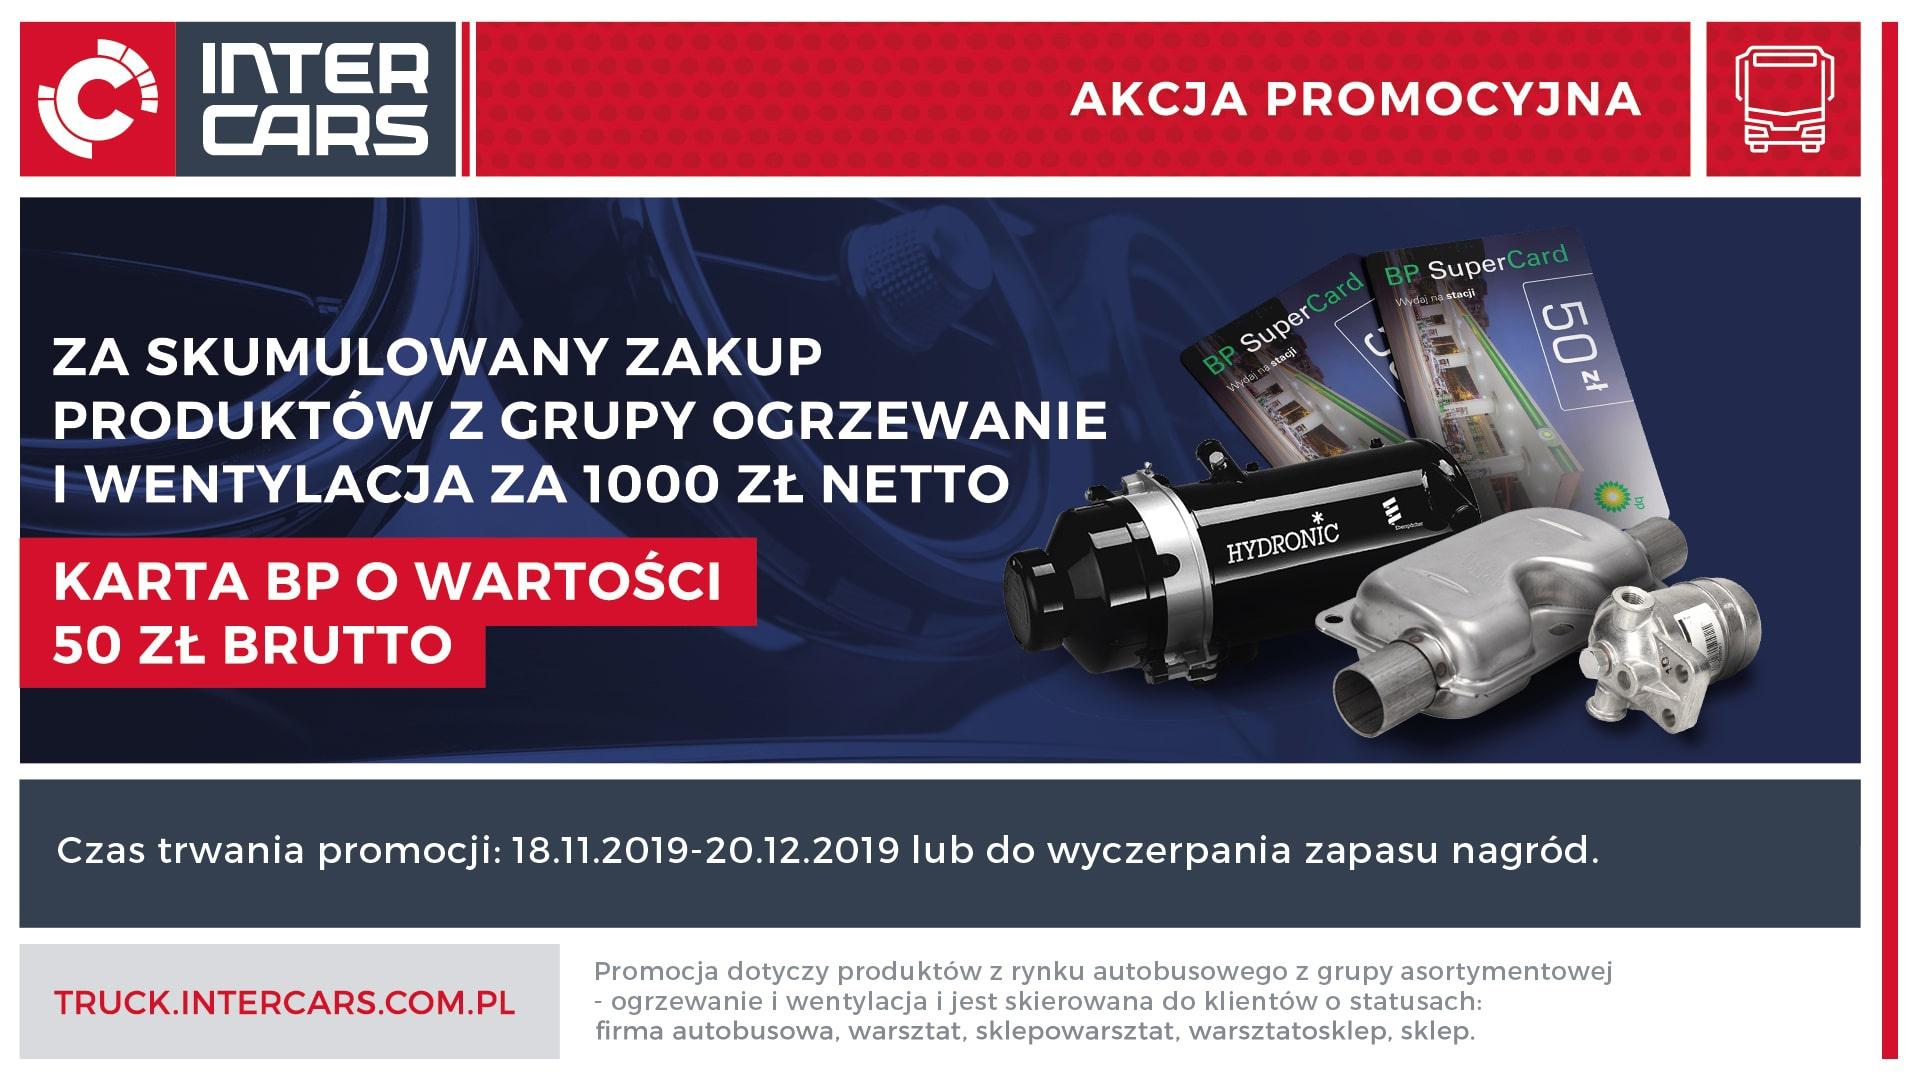 promocja_za_zakup_ogrzewanie_wentylacja_karta_bp_1920x1080_plazma-min v2.jpg